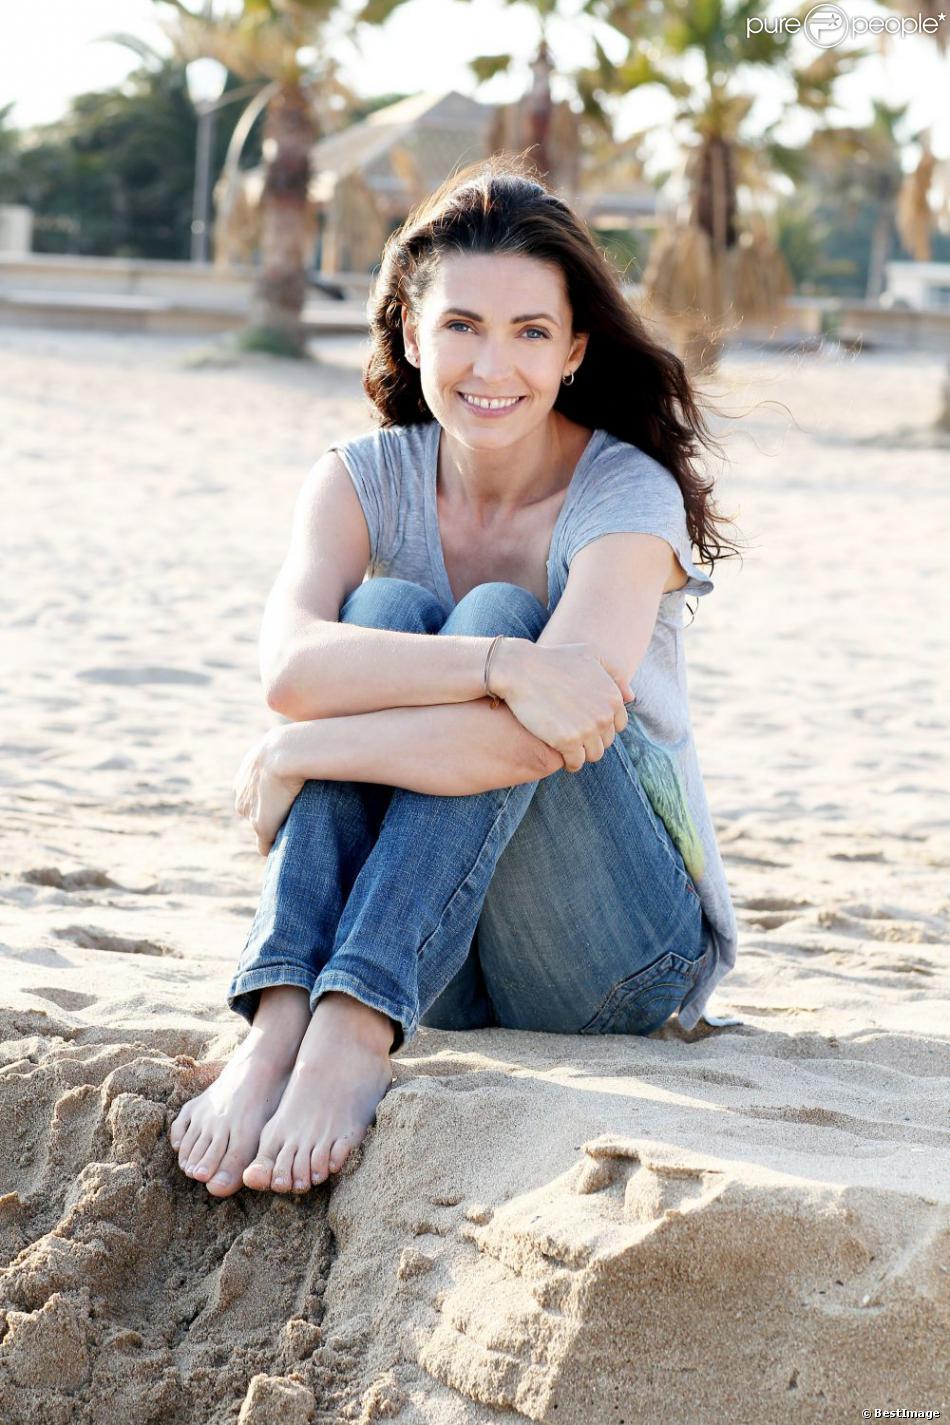 Exclu : Adeline Blondieau à la plage avec Wilona, née en 2011.